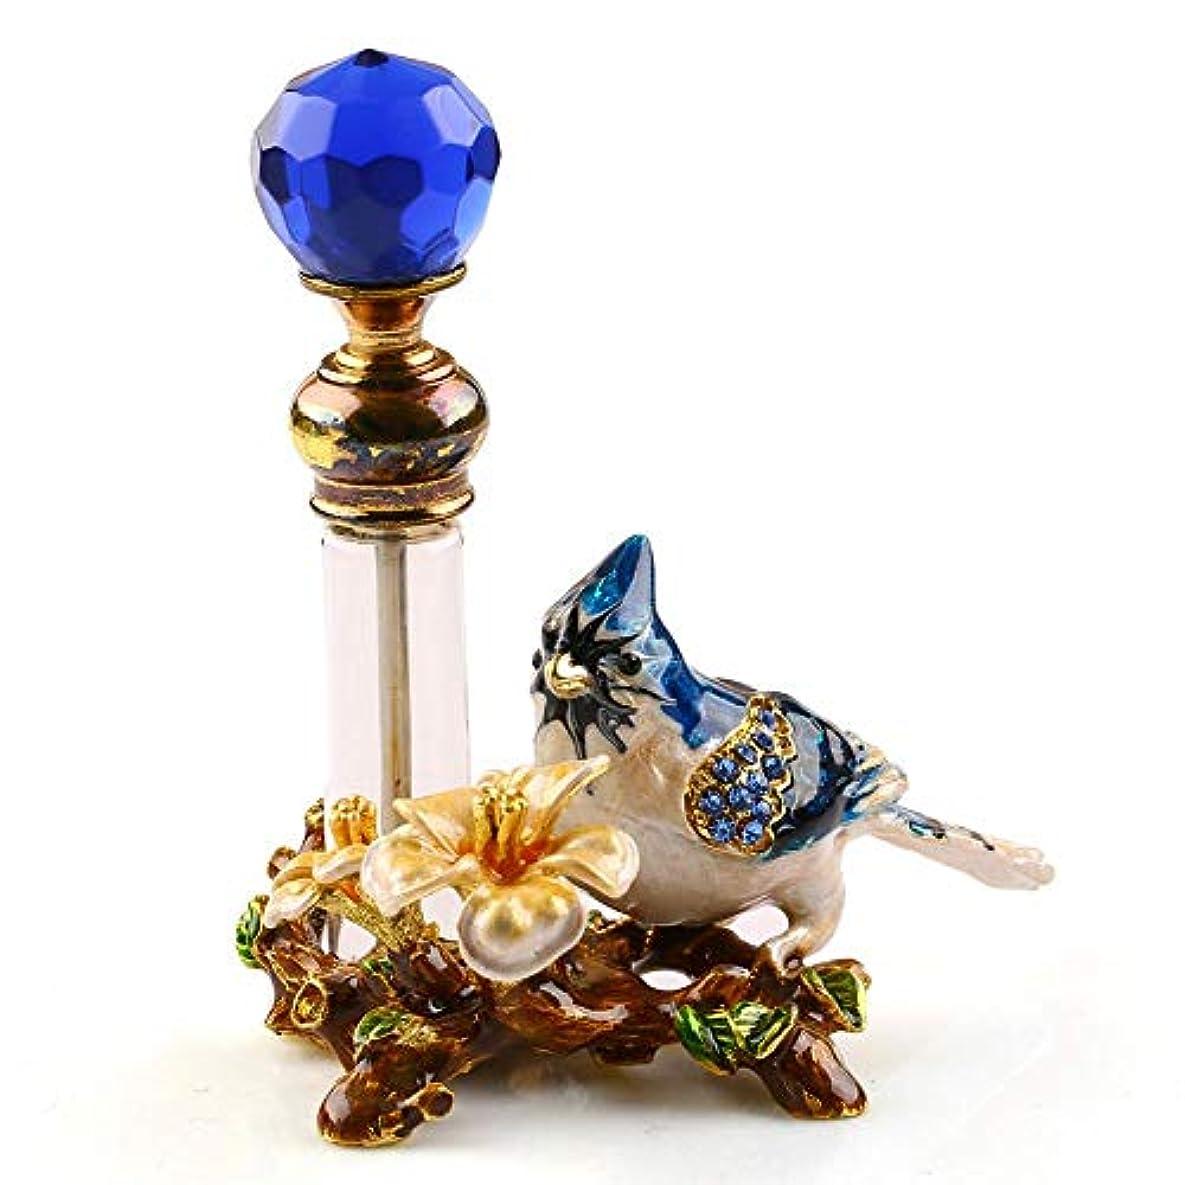 ワイン不要ダブルVERY100 高品質 美しい香水瓶 4ML アロマボトル 綺麗アンティーク風 鳥と花 詰替用ボトル 空き プレゼント 結婚式 飾り